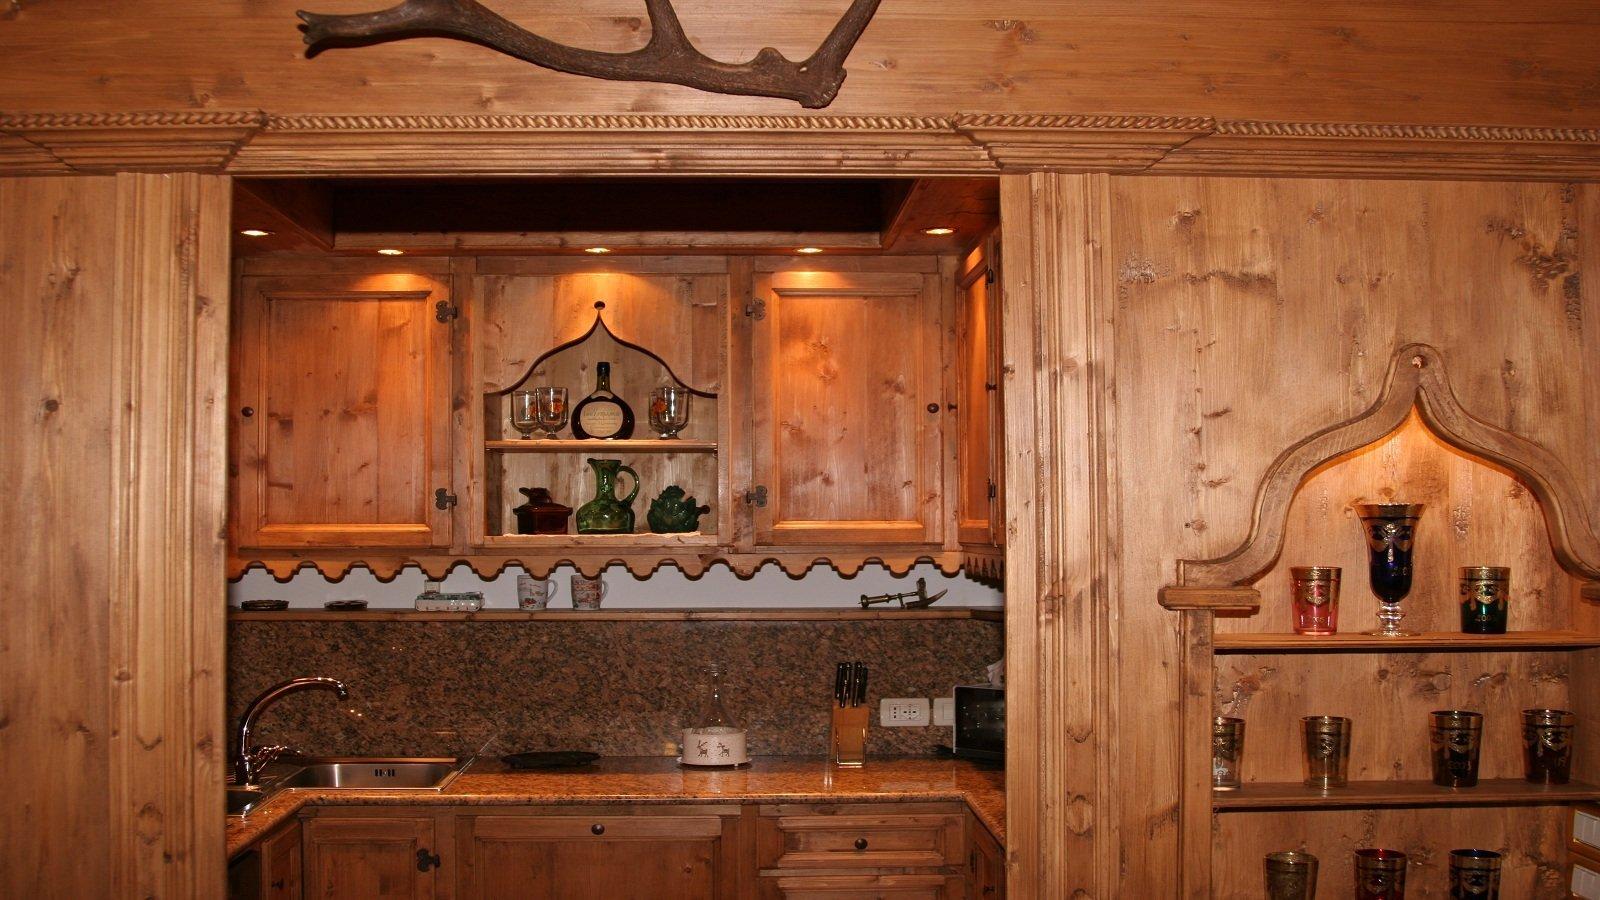 una cucina in legno e delle mensole con dei bicchieri